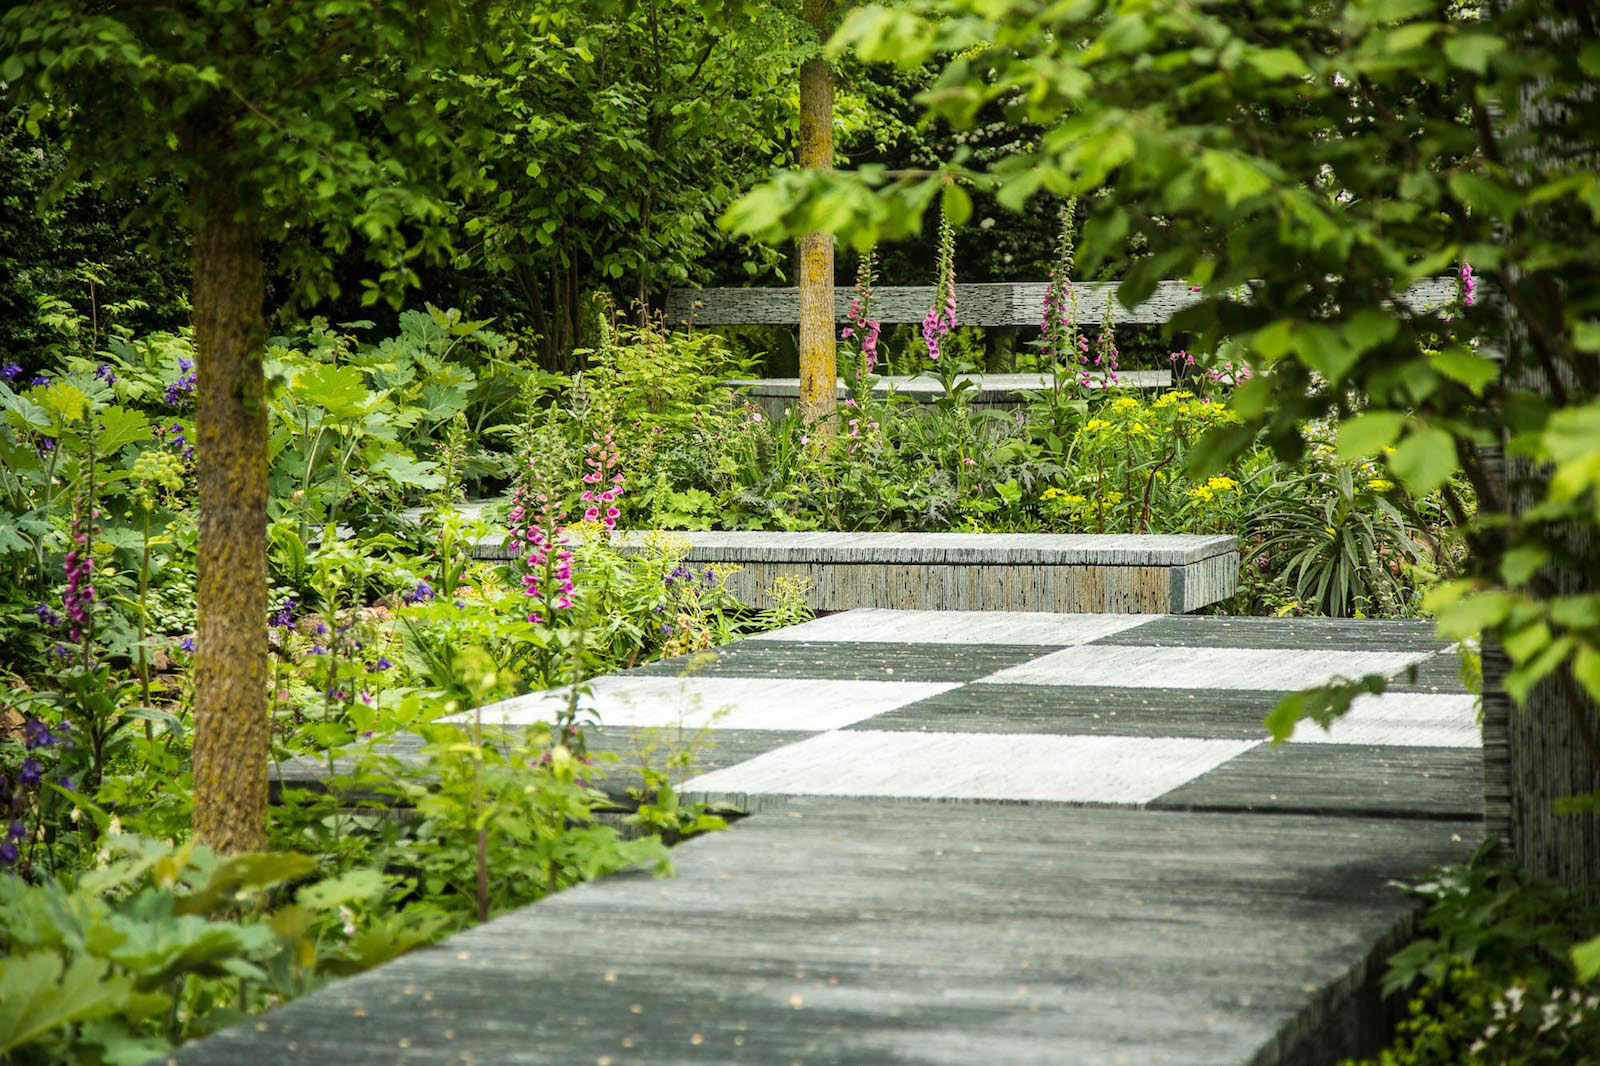 Garden design courses from the Oxford College of Garden Design